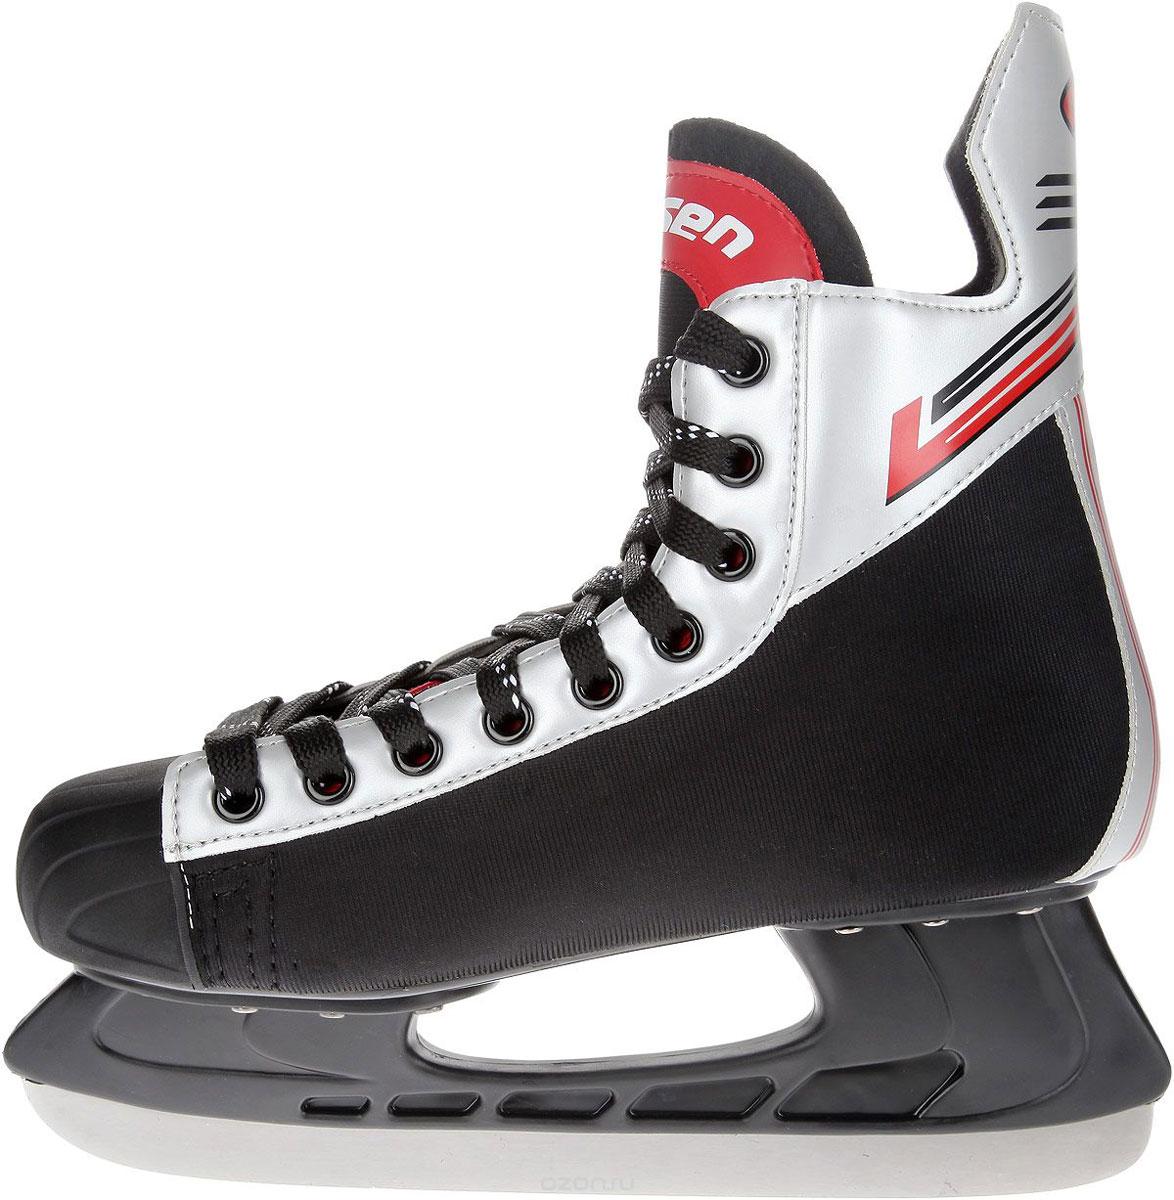 Коньки хоккейные мужские Larsen Alex, цвет: черный, серебристый, красный. Размер 41AlexСтильные коньки Alex от Larsen прекрасно подойдут для начинающих игроков в хоккей. Ботиноквыполнен из нейлона и морозоустойчивого поливинилхлорида. Мыс дополнен вставкой изполиуретана, которая защитит ноги от ударов. Внутренний слой изготовлен из мягкого текстиля,который обеспечит тепло и комфорт во время катания, язычок - из войлока. Плотная шнуровканадежно фиксирует модель на ноге. Голеностоп имеет удобный суппорт. Стелька из EVA стекстильной поверхностью обеспечит комфортное катание. Стойка выполнена изударопрочного полипропилена. Лезвие из нержавеющей стали обеспечит превосходноескольжение. В комплект входят пластиковые чехлы для лезвий.